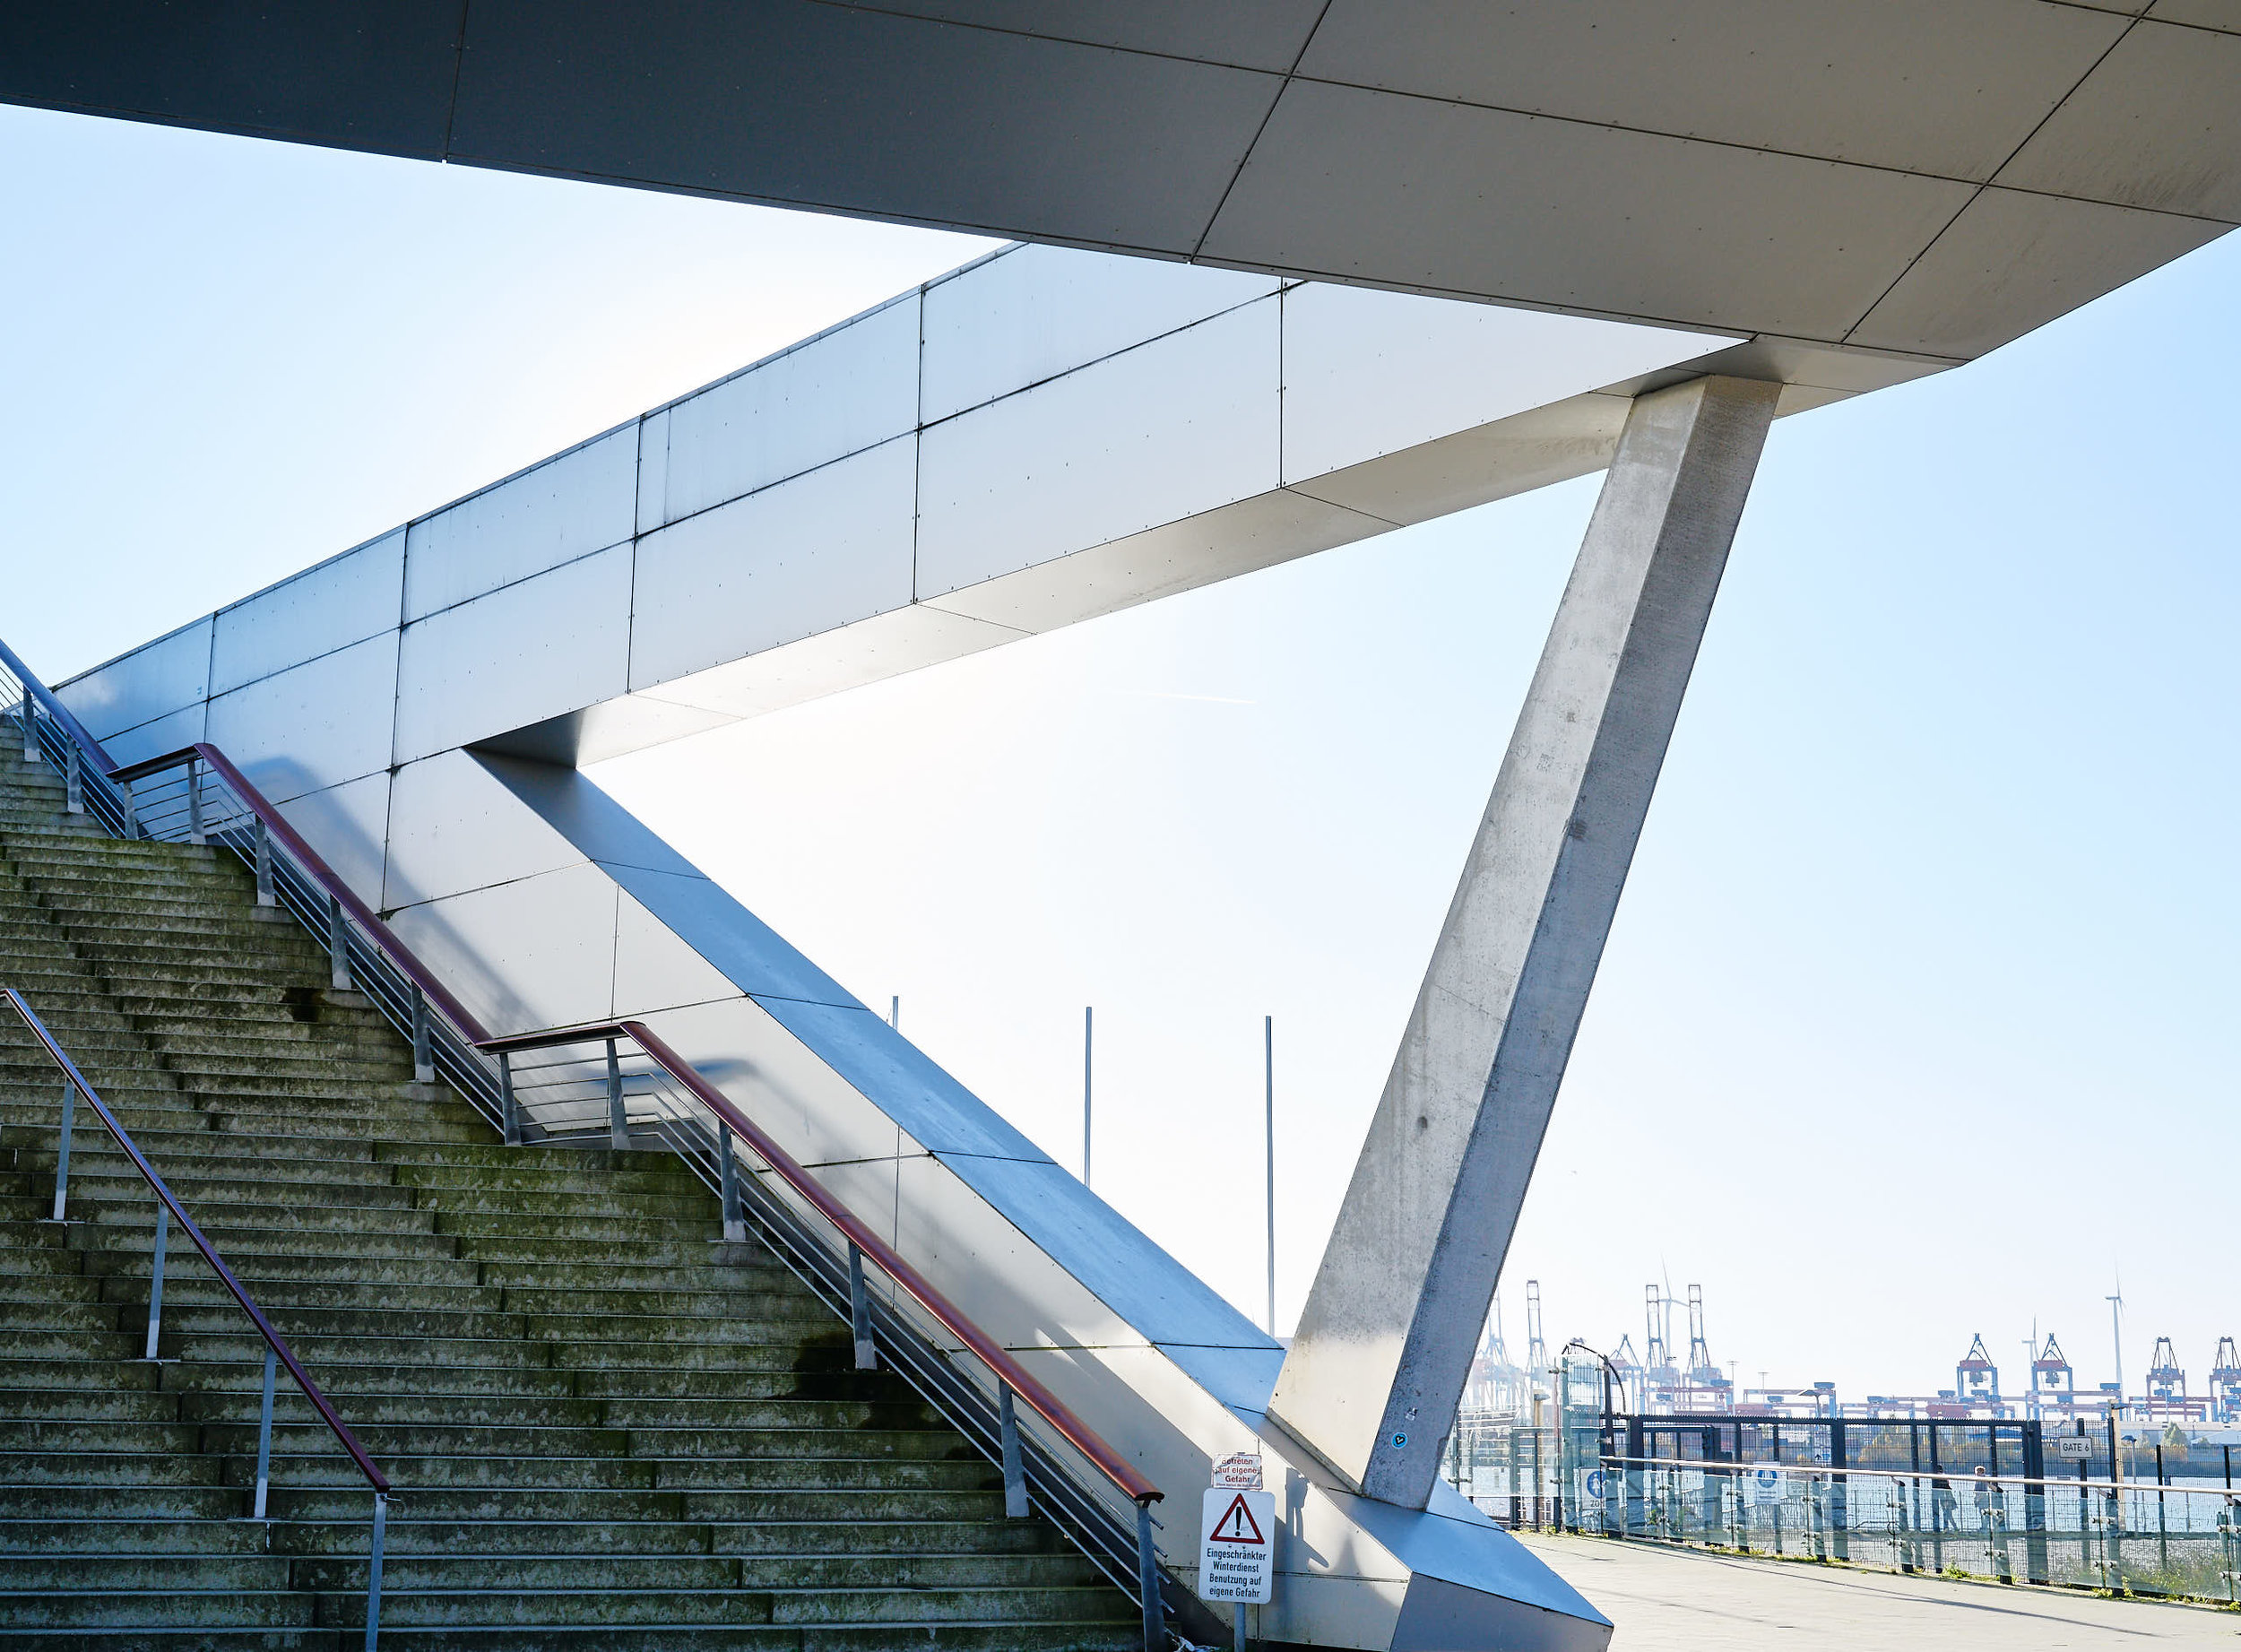 Professionelle Architekturfotografie und Interieurfotografie